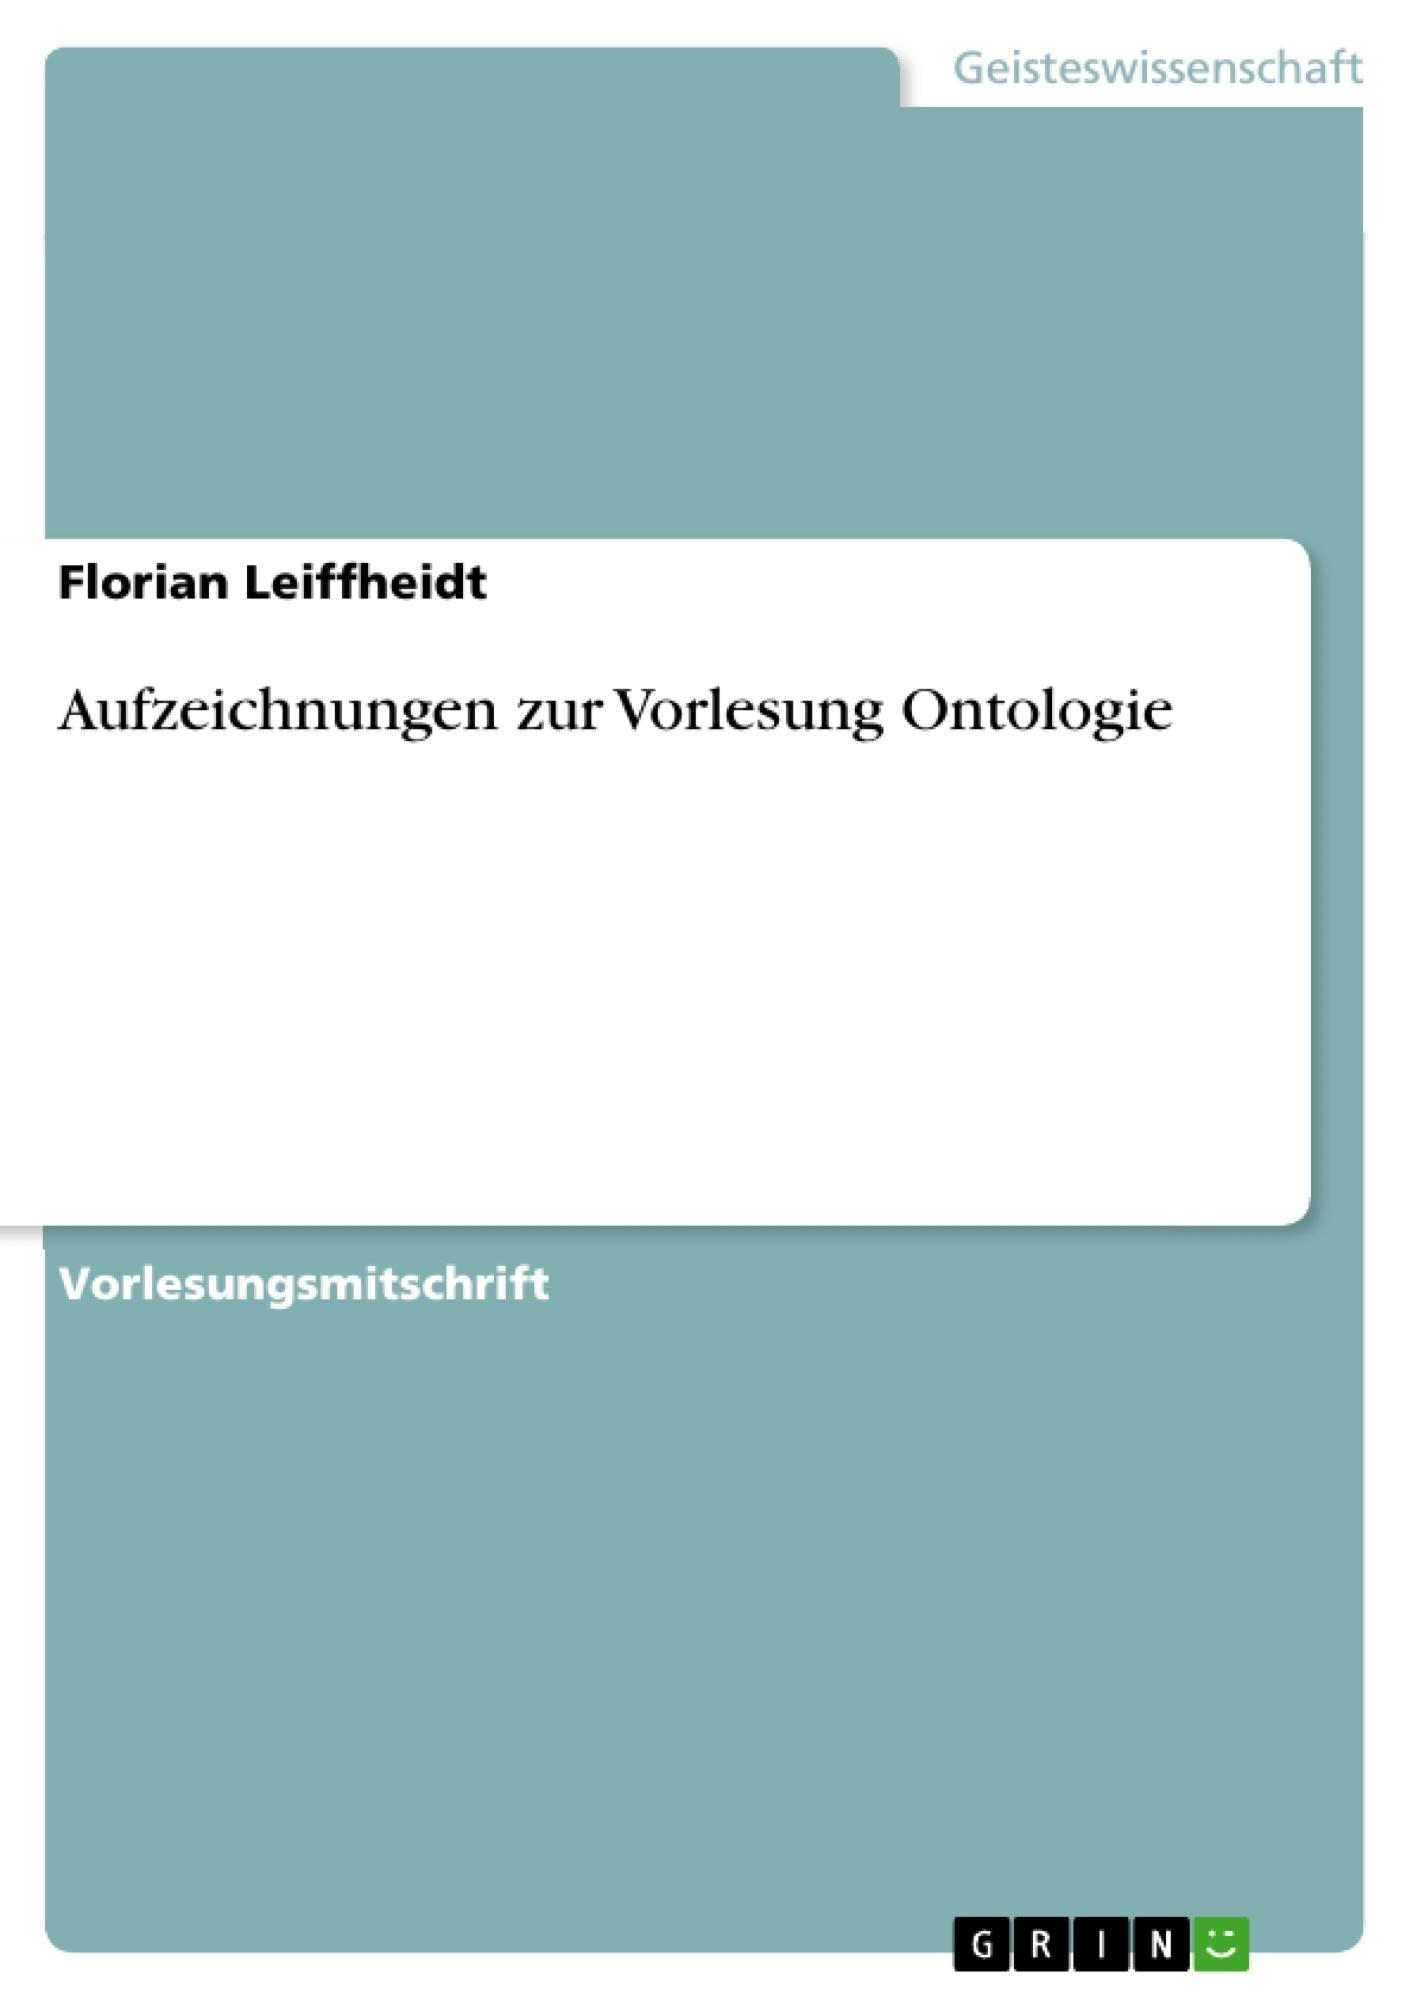 Titel: Aufzeichnungen zur Vorlesung Ontologie